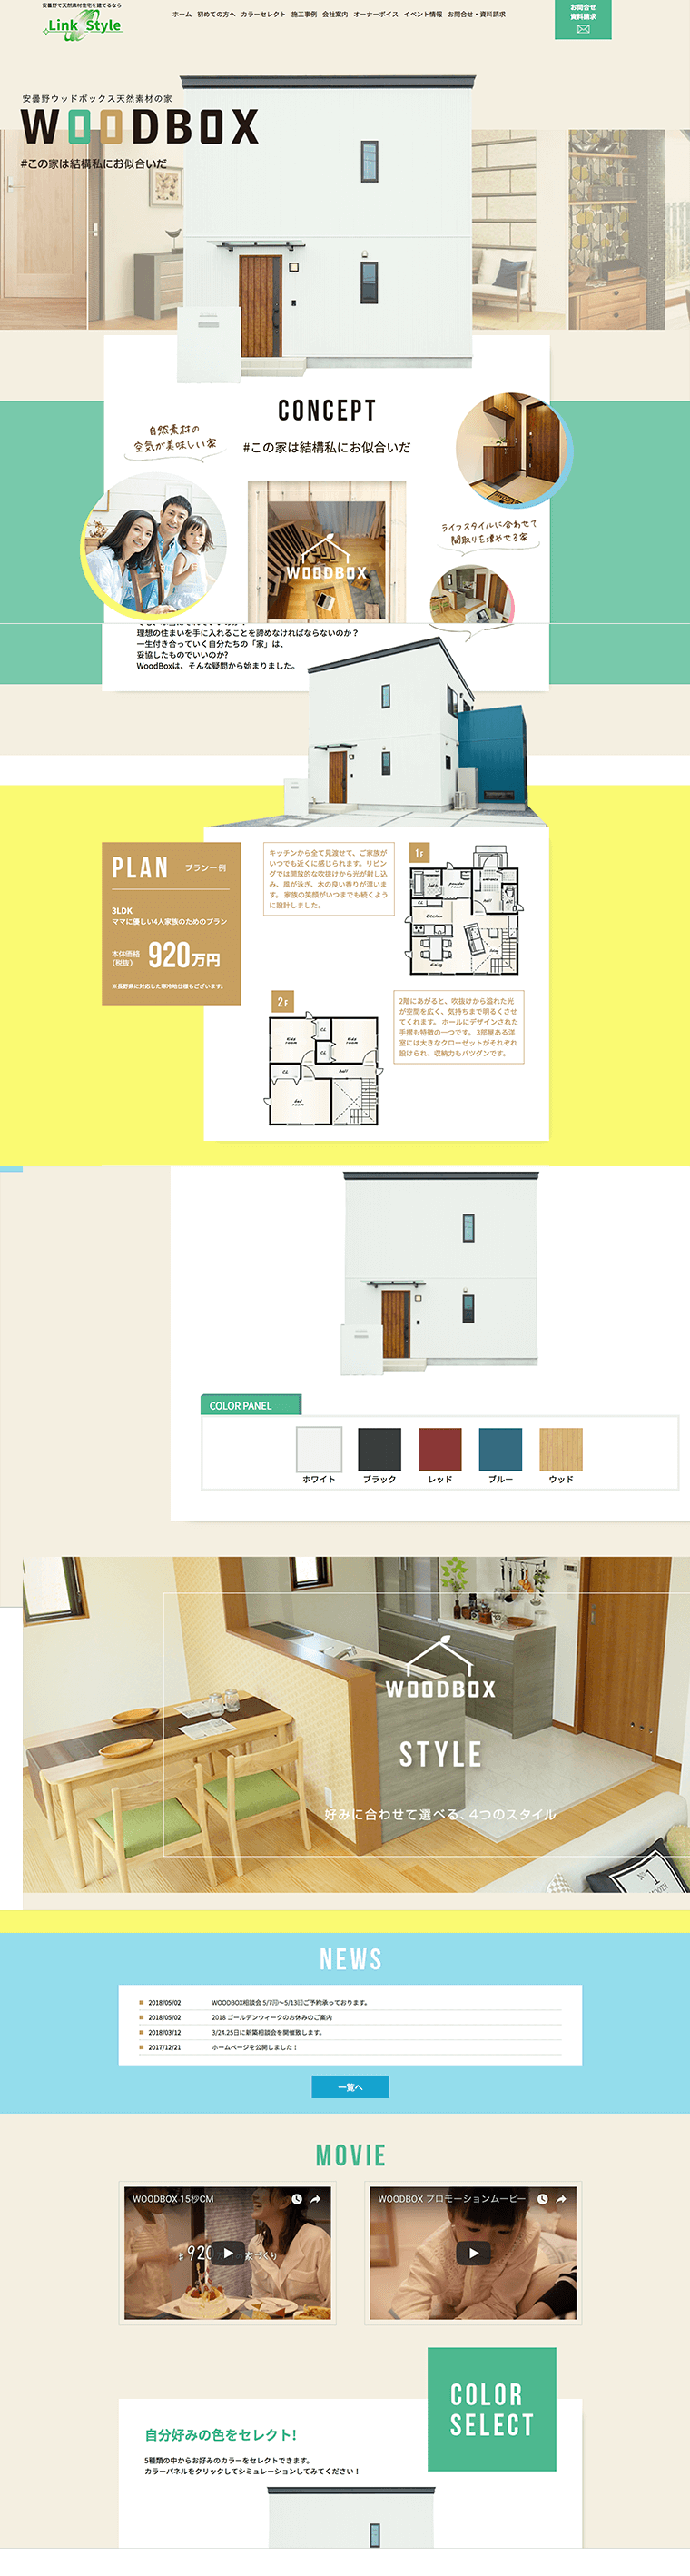 工務店のホームページのキラー成功の鍵が成功の鍵